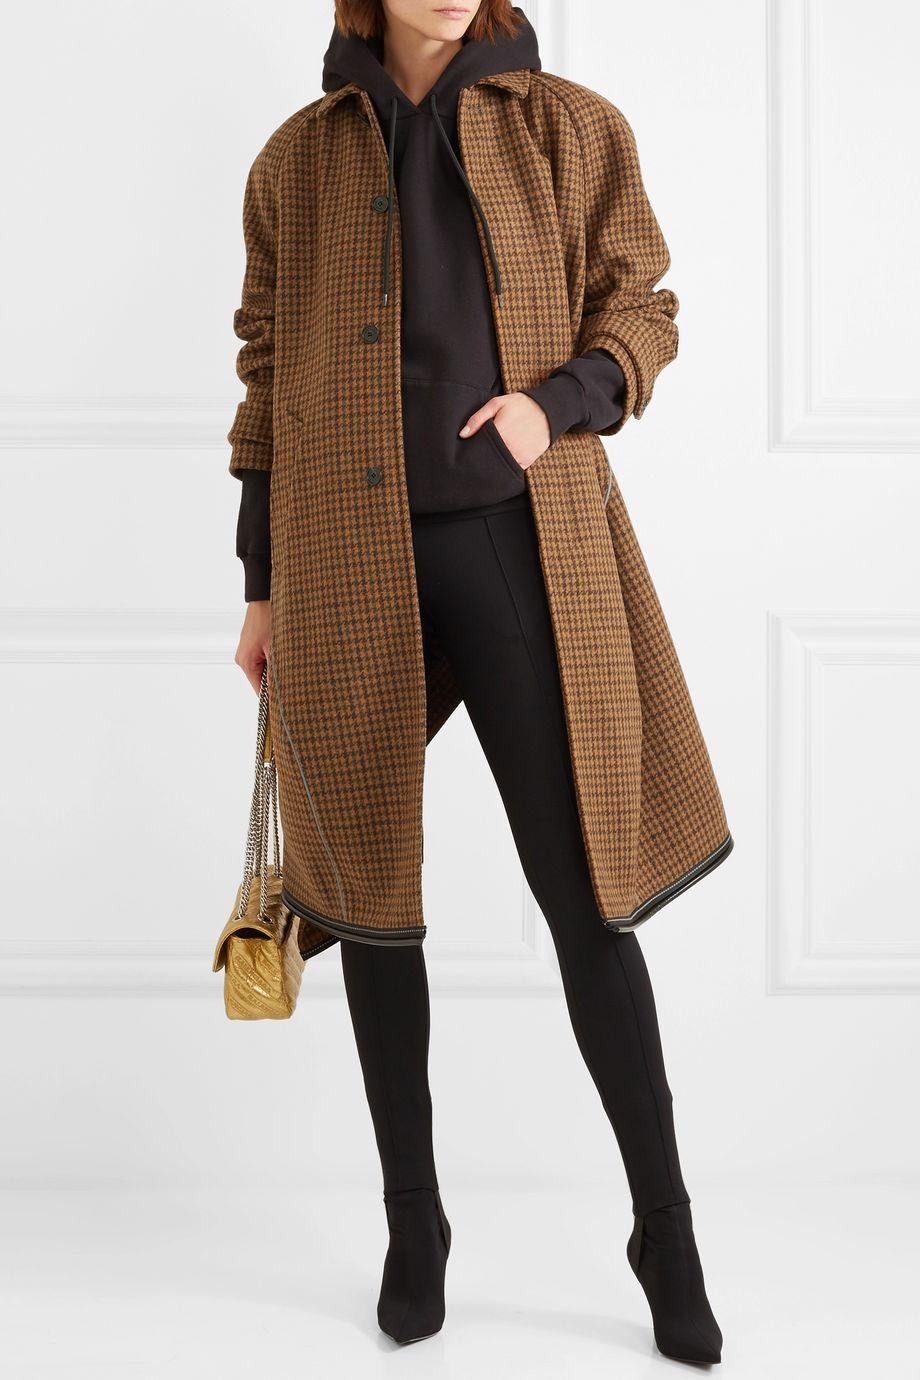 Balenciaga Manteau en laine mélangée pied-de-poule